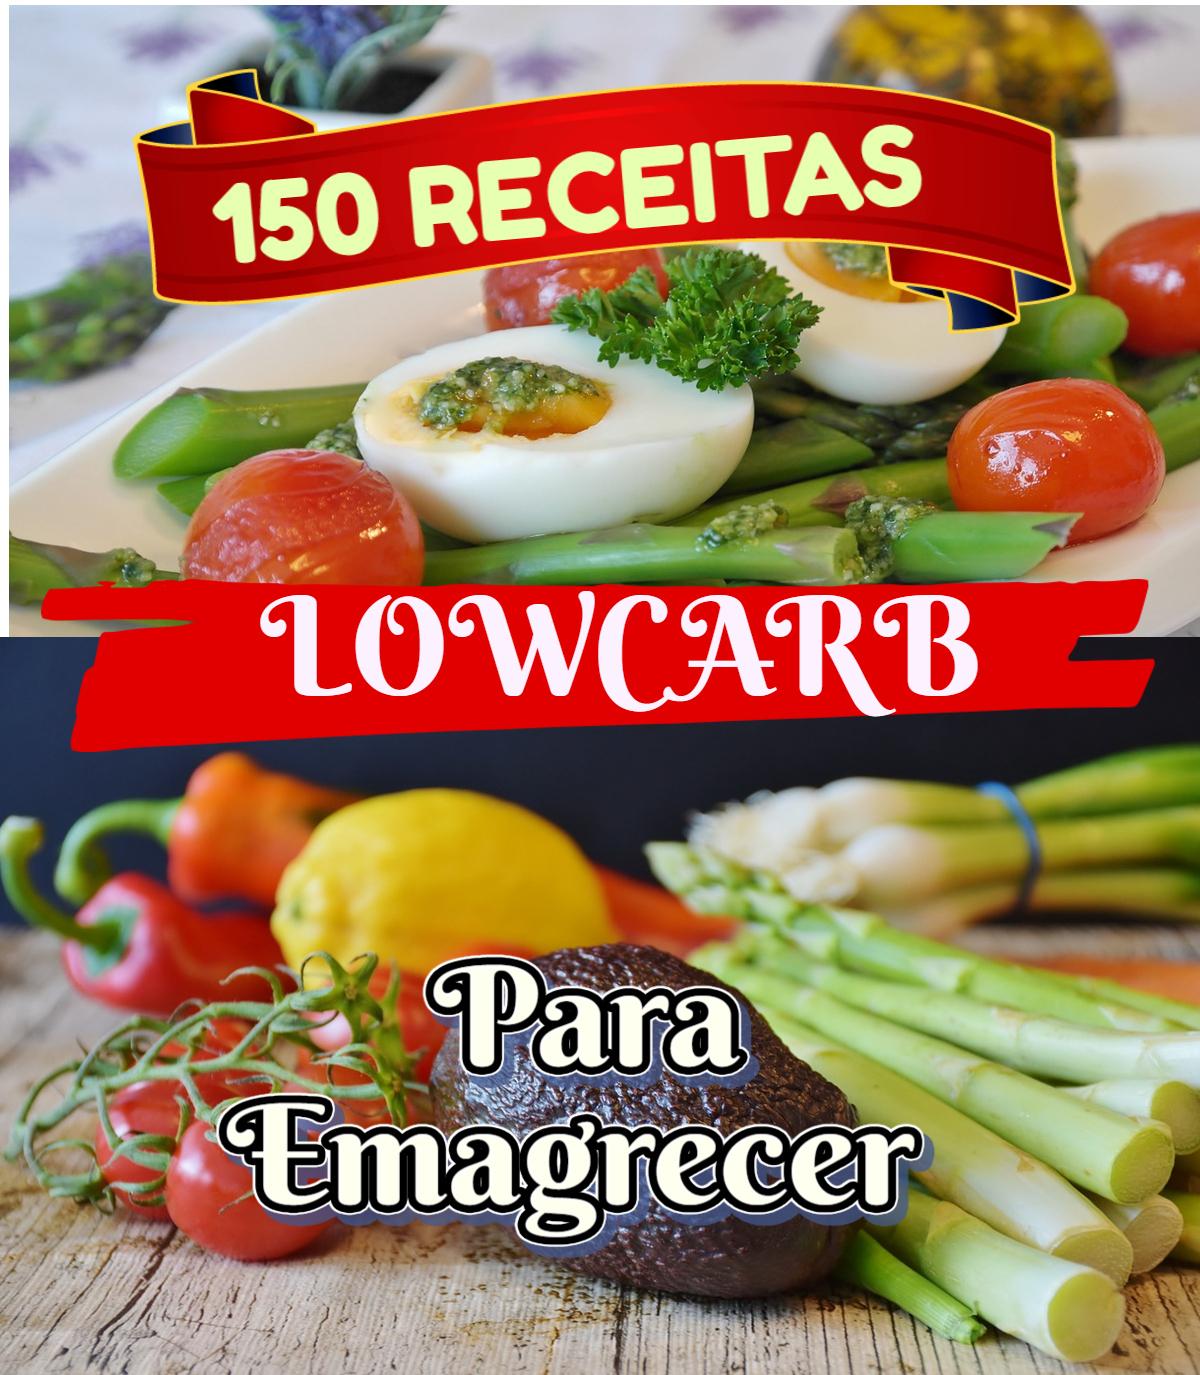 150 RECEITAS LOWCARB PARA